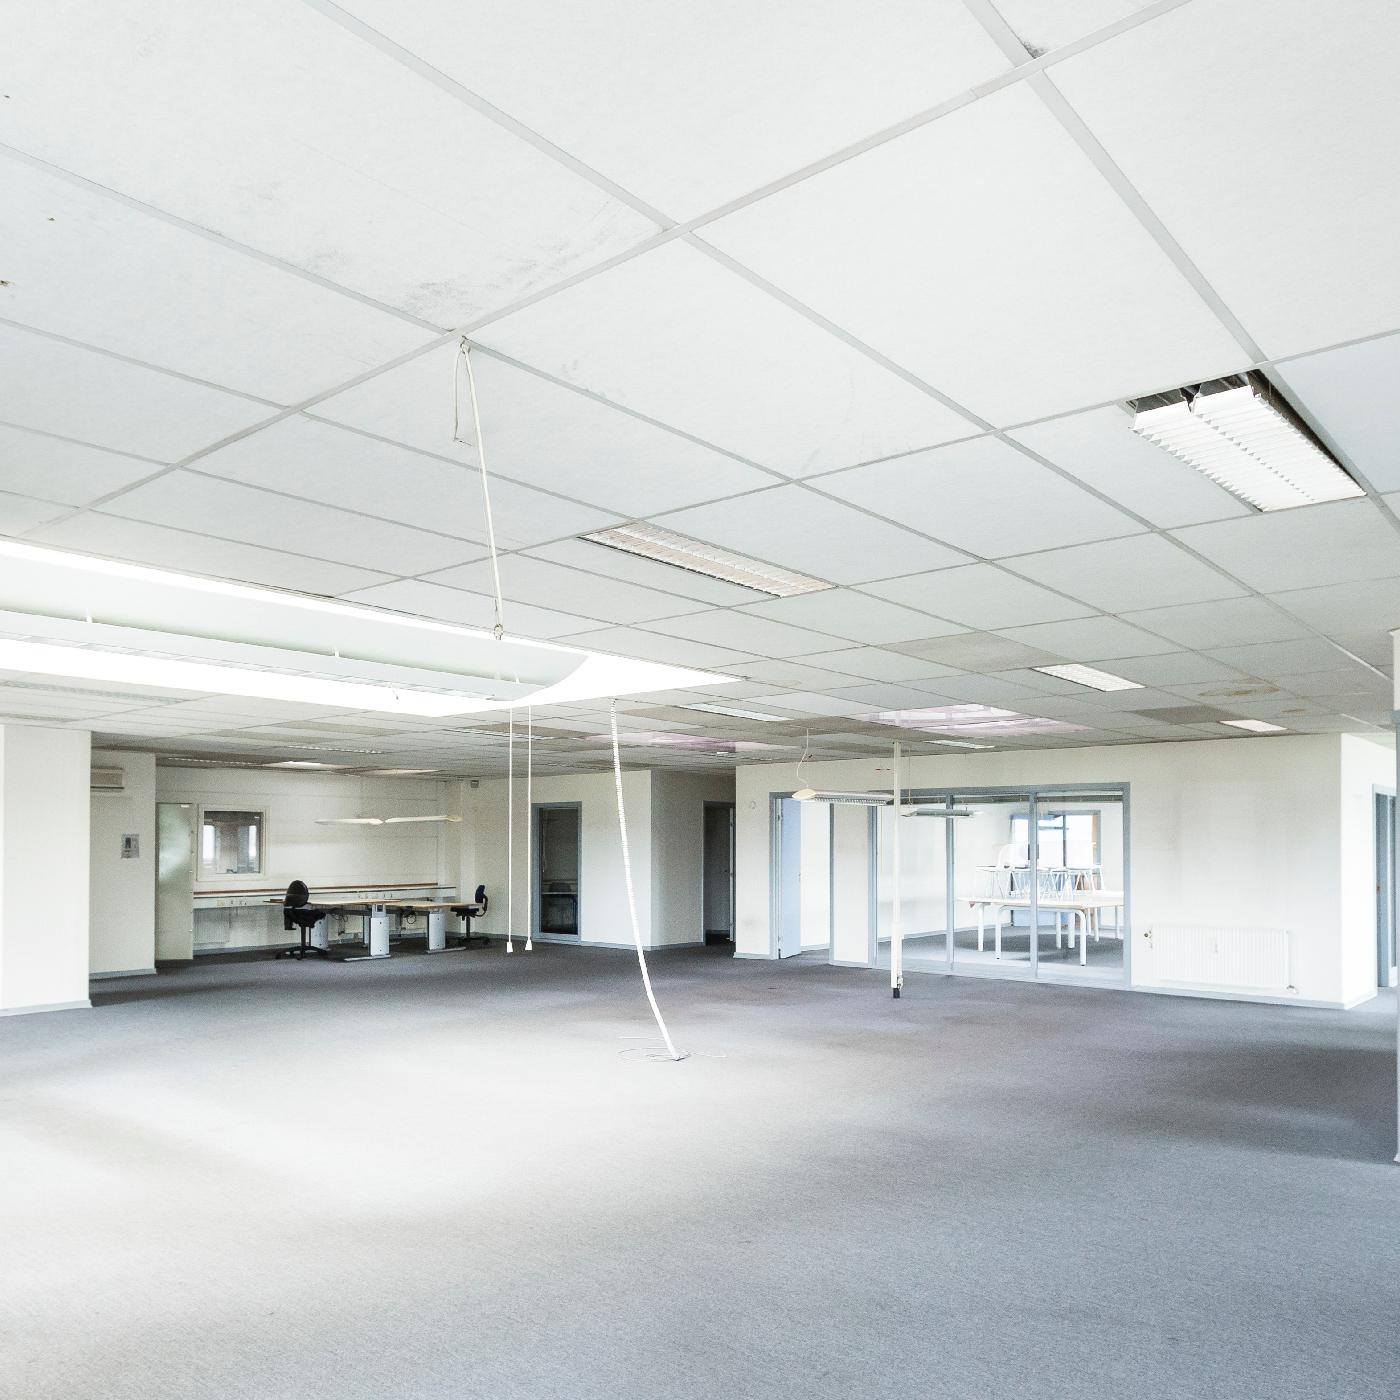 怪談故事-辦公室的天花板